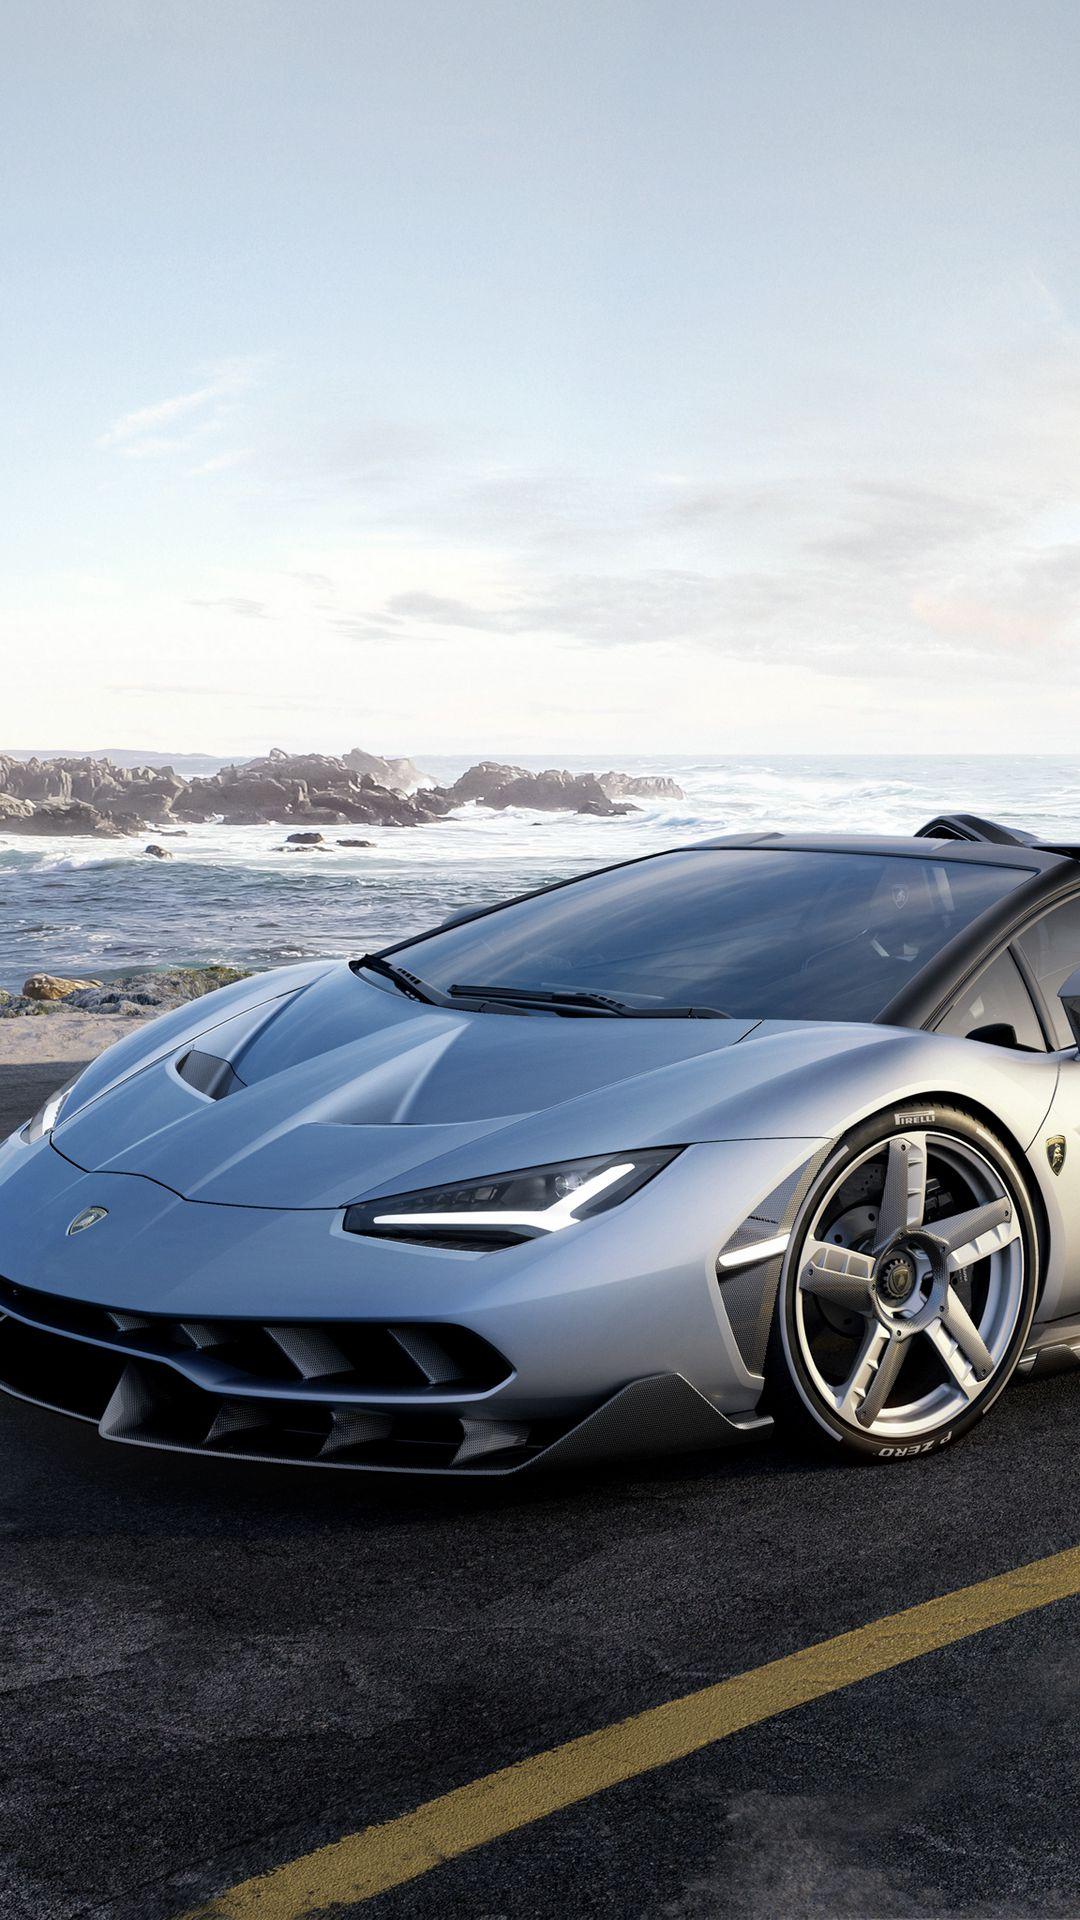 Lamborghini Roadster Wallpapers Free Download